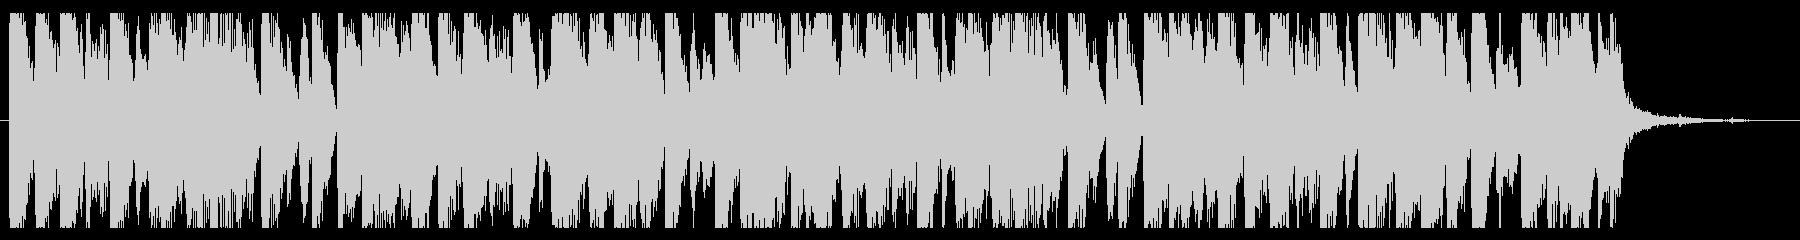 シンプル/ハウス3_No405_4の未再生の波形